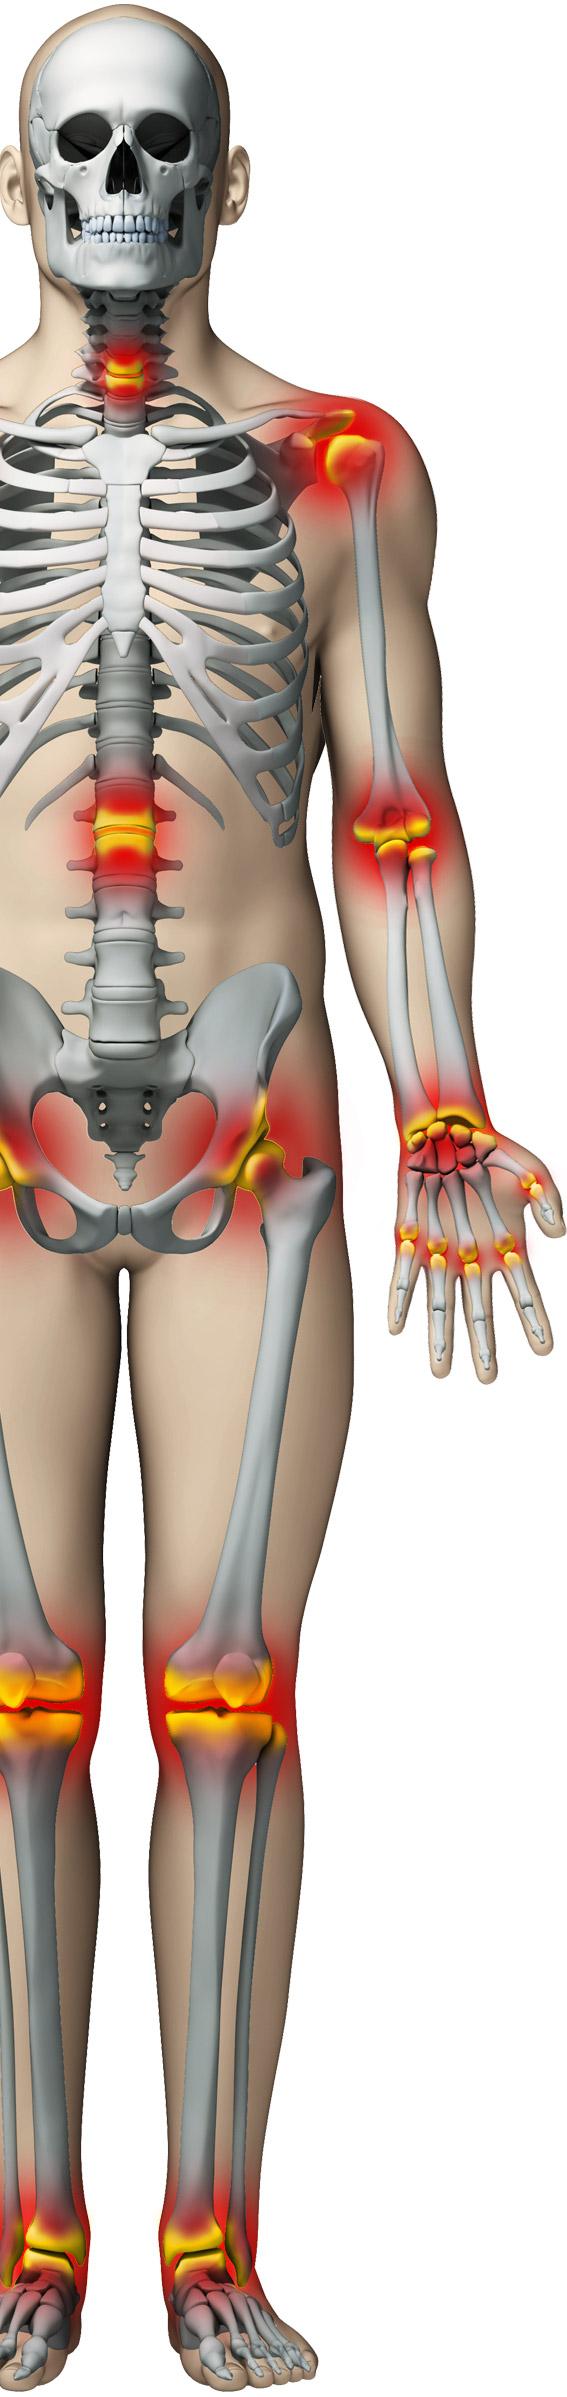 ce poate fi luat pentru dureri articulare